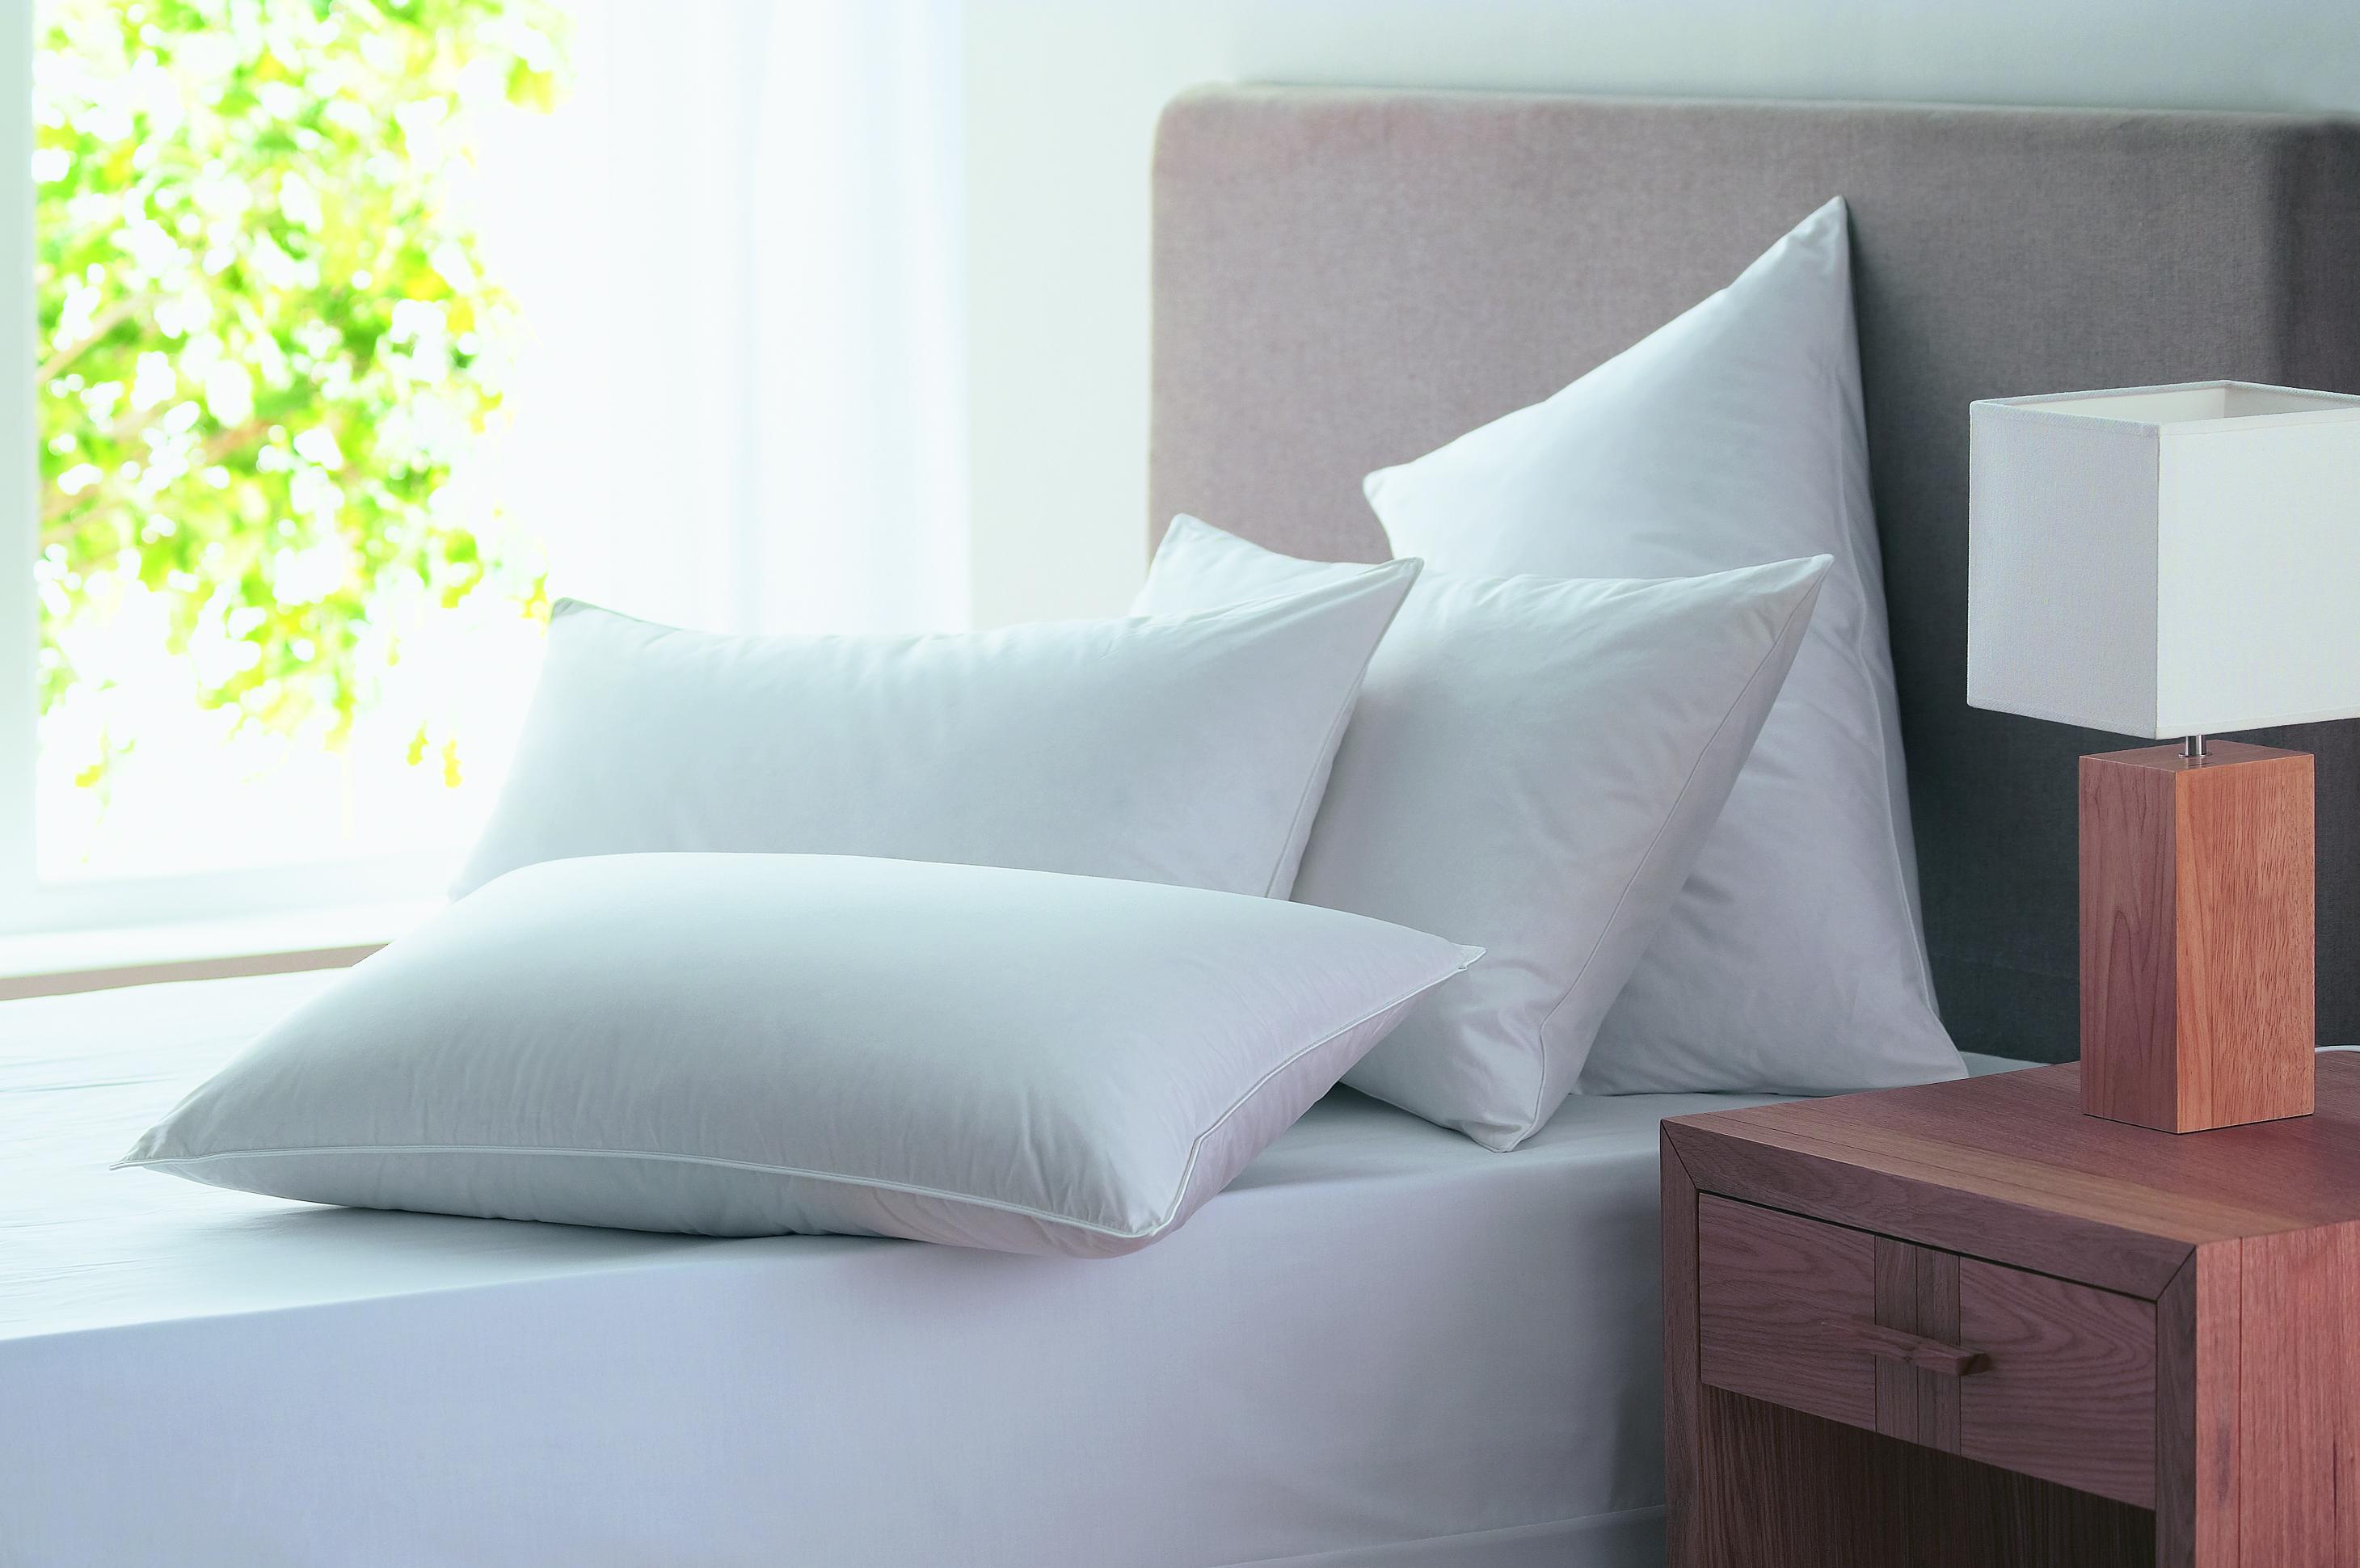 Oreillers fine bedding plume et duvet le sommeil au naturel - Oreiller pour bien dormir ...